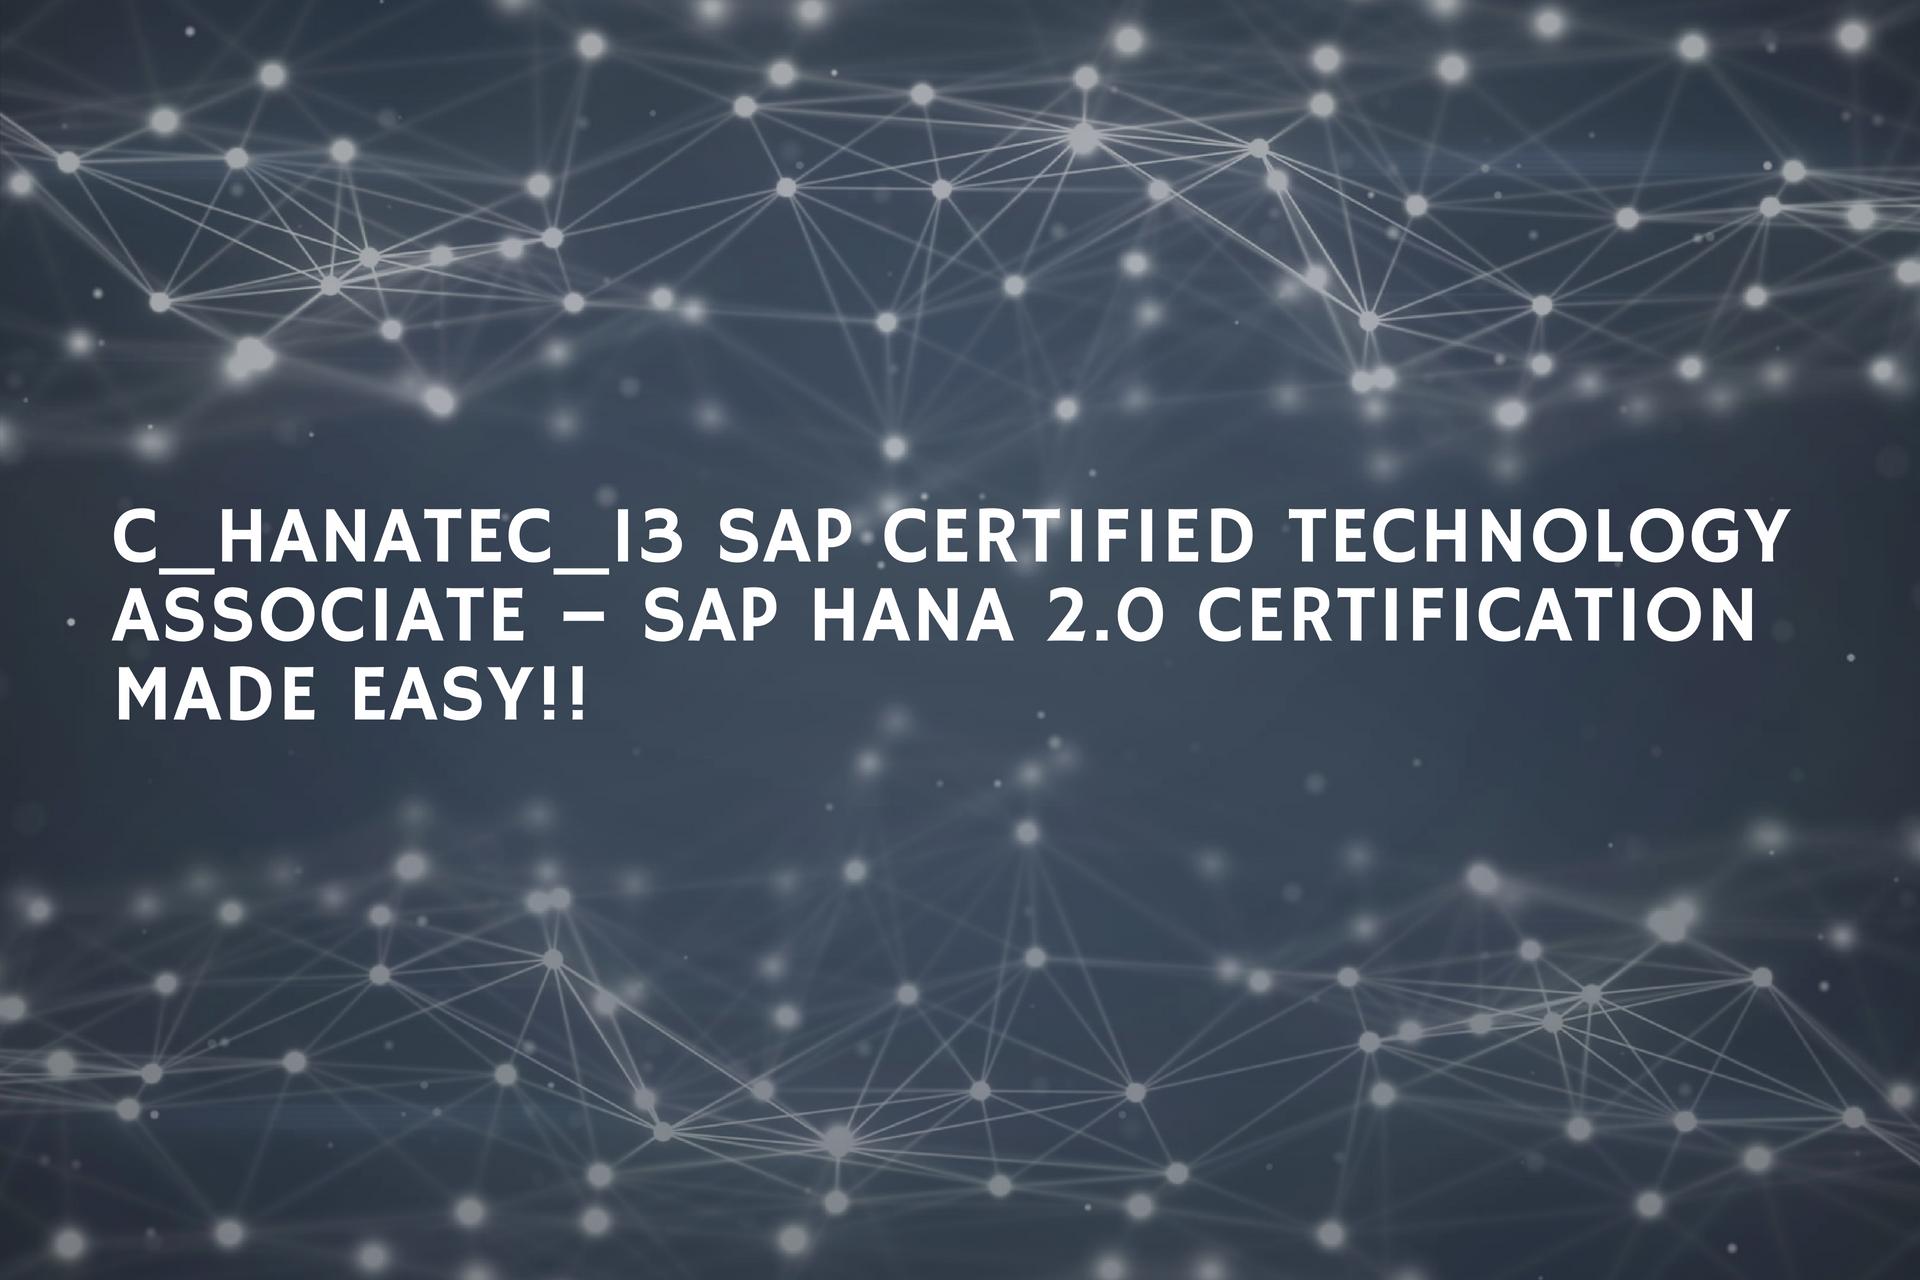 Chanatec13 Sap Certified Technology Associate Sap Hana 20